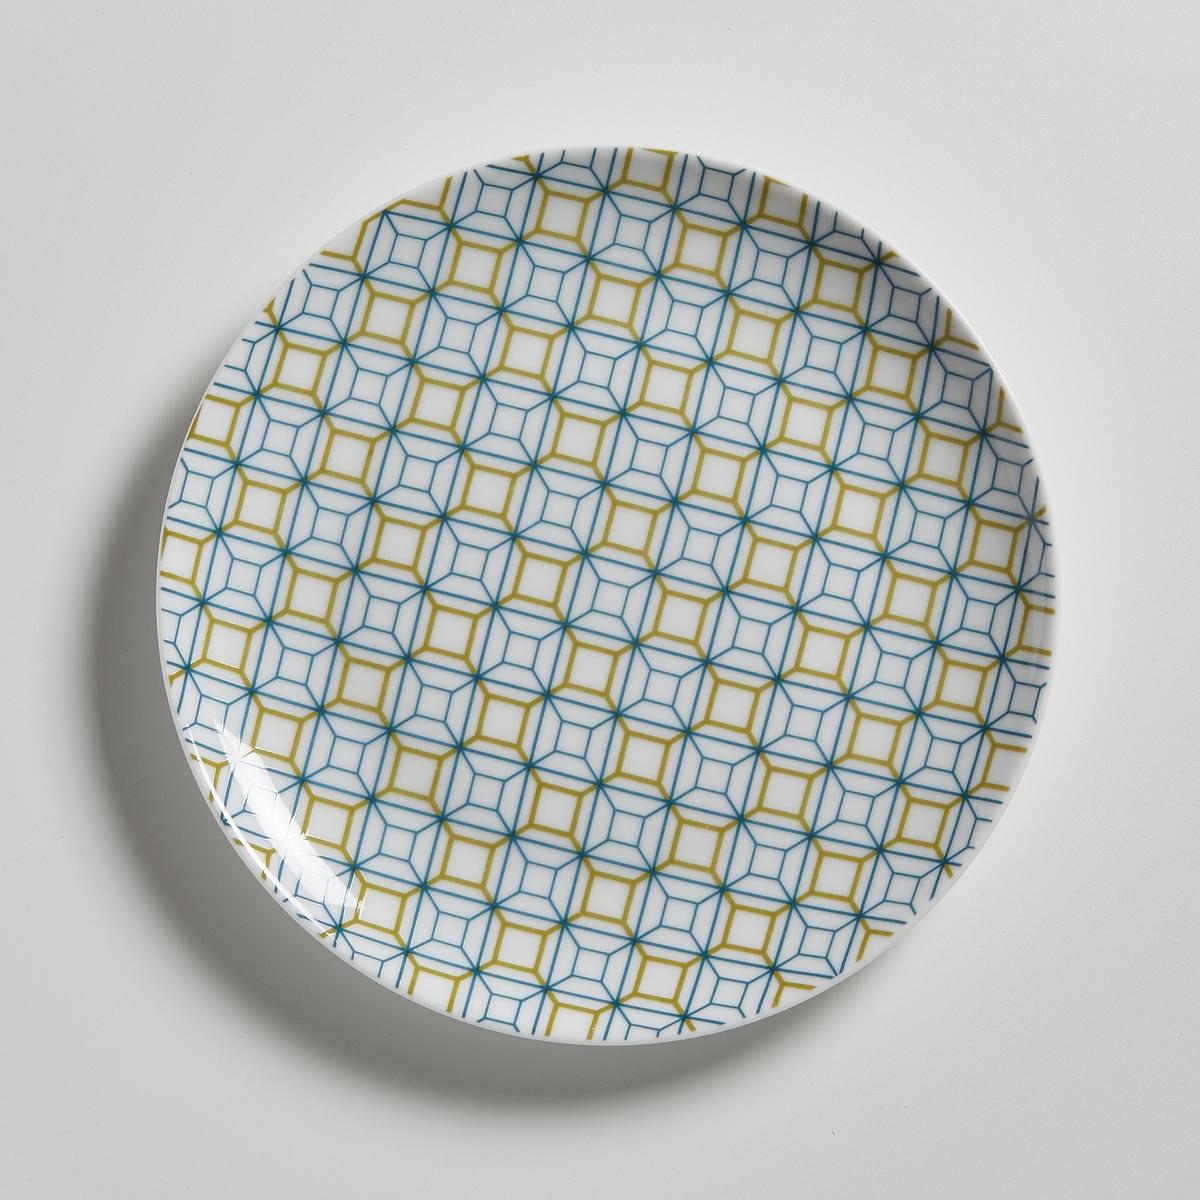 Комплект из 4 десертных тарелок из фарфораКомплект из 4 десертных тарелок из фарфора La redoute Int?rieurs. Геометрические мотивы в стиле ретро (синий и охра) в современном и изысканном исполнении .  Характеристики 4 десертных тарелок    :- Десертные тарелки из фарфора- Диаметр : 20,3 см   . - Можно использовать в посудомоечных машинах и микроволновых печах- Продаются в комплекте из 4 штук в подарочной коробке<br><br>Цвет: набивной рисунок